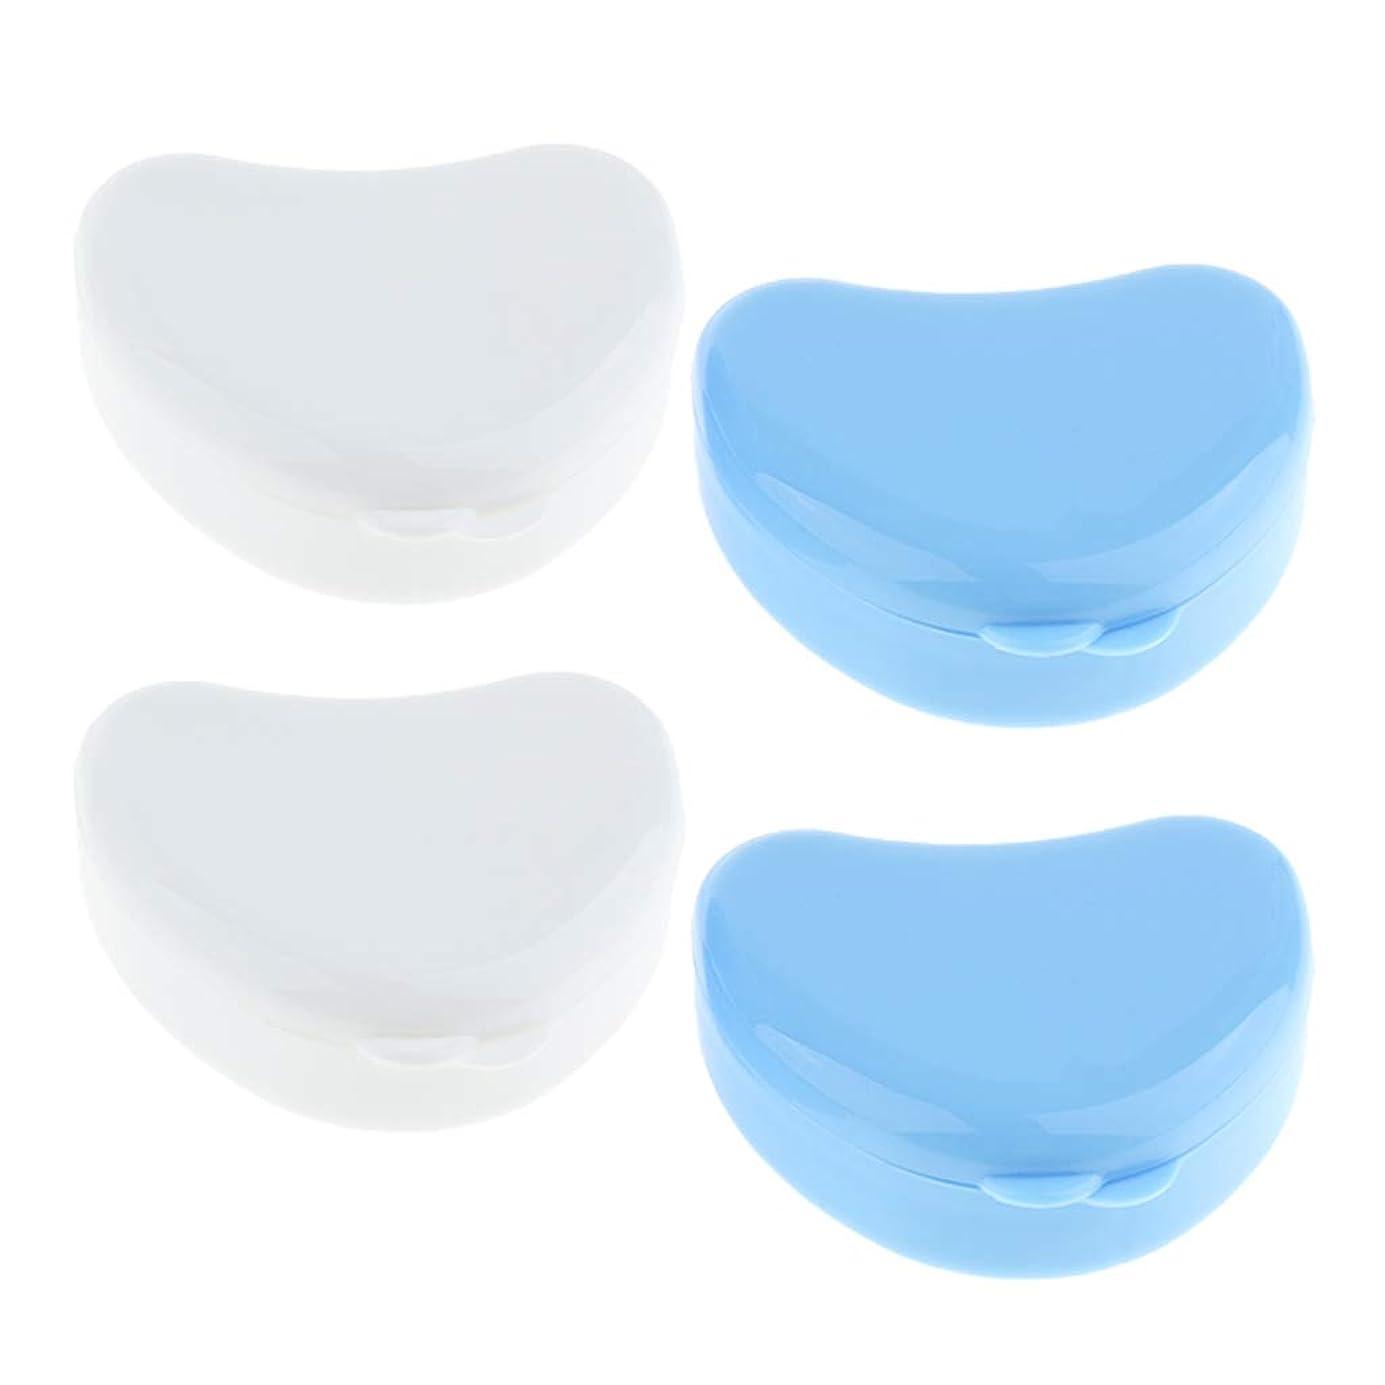 ボイドペリスコープ突破口dailymall 4個のマウスガードケース、歯科矯正用リテーナーボックス収納容器-安全なプラスチック